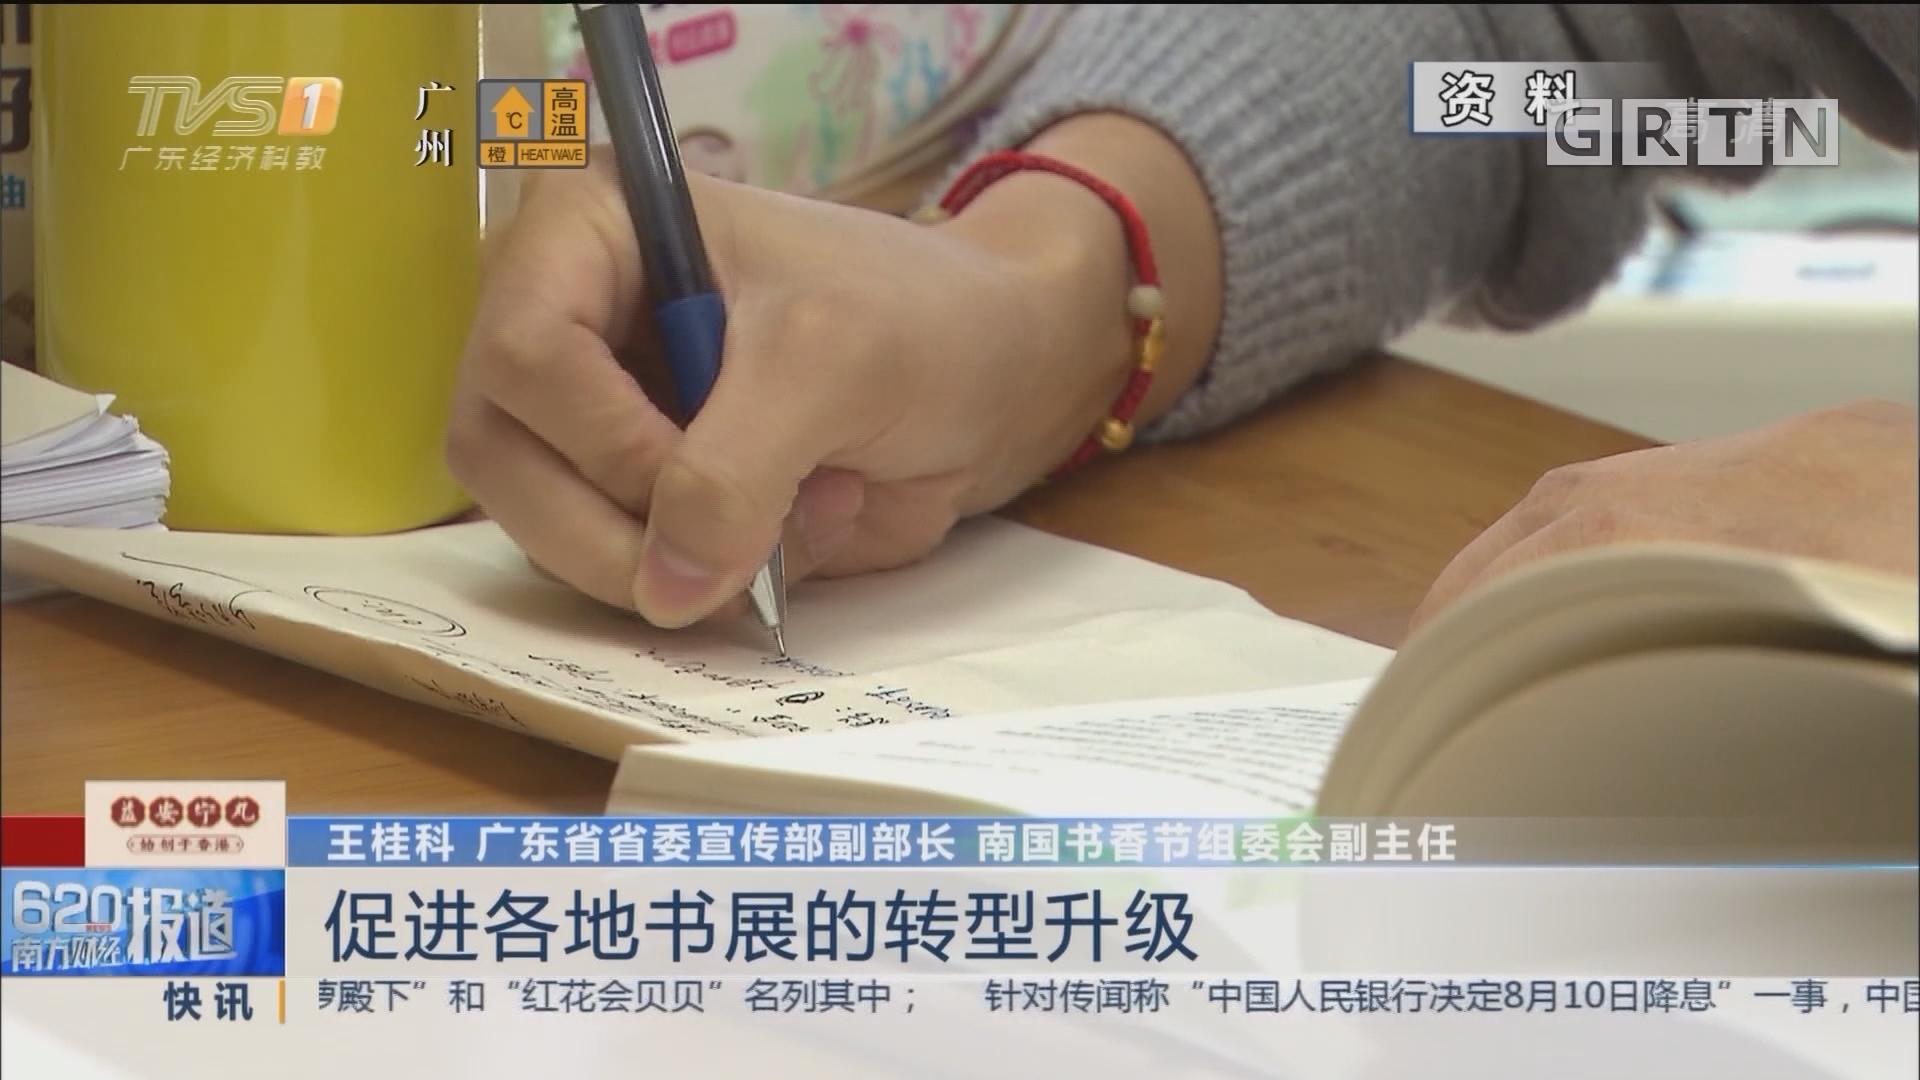 超20万种书 史上折扣最大!南国书香节开幕